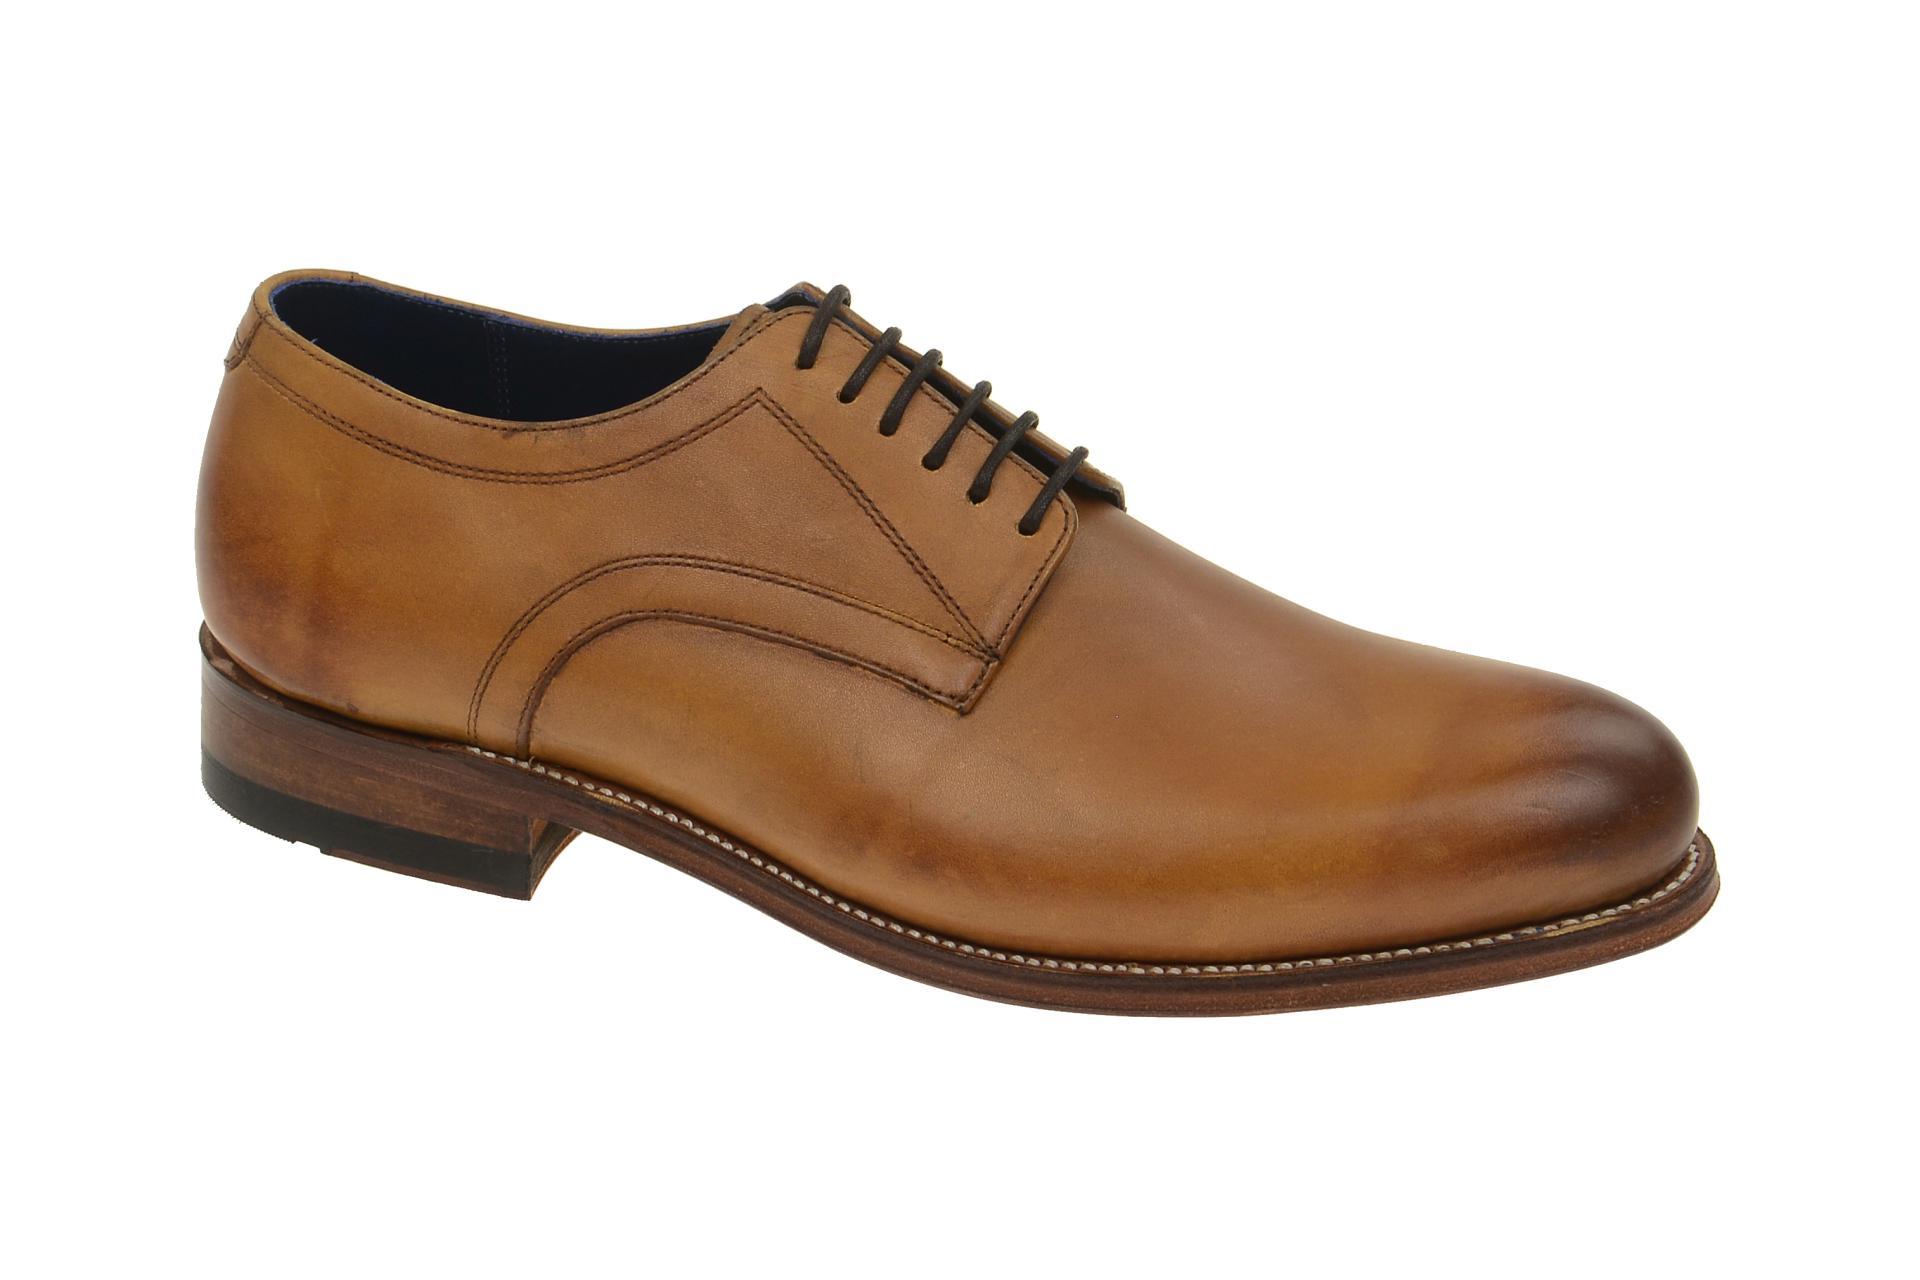 Gordon & Bros. Schuhe Levet tan braun rahmengenäht 2320 :: Braun - 40 - Männlich - Erwachsene